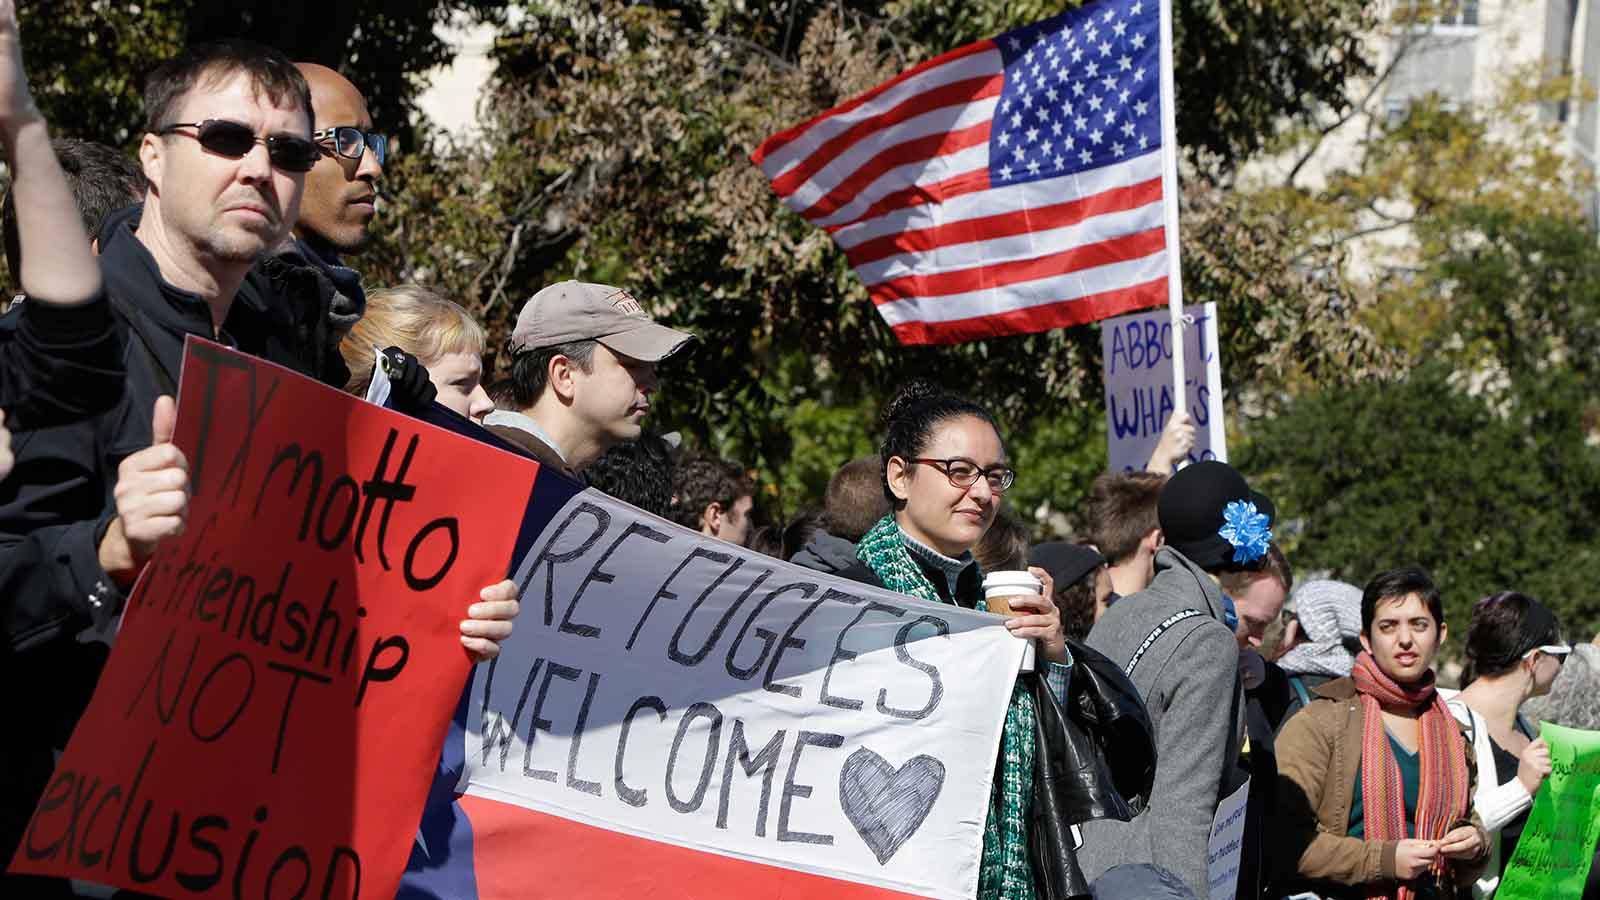 Sin embargo, ciudadanos de once países que quieran viajar a Estados Unidos estarán sujetos a revisiones adicionales